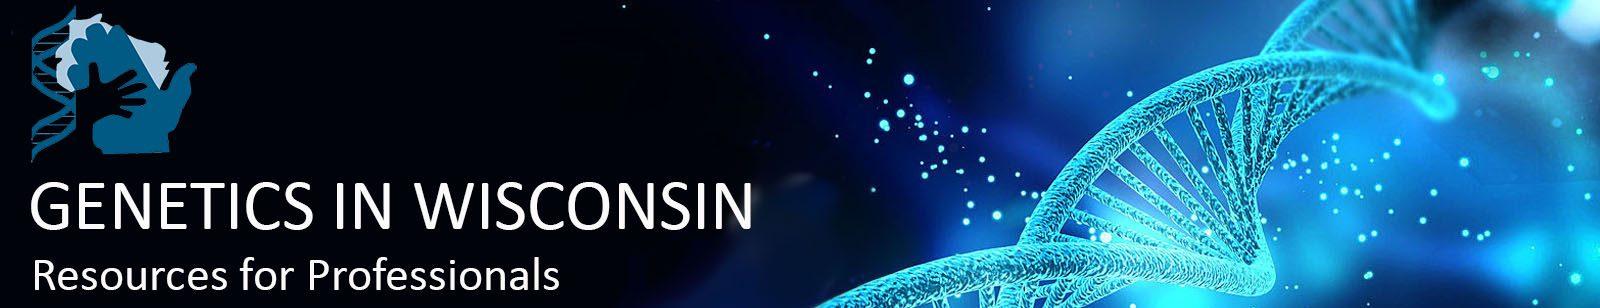 Banner of Genetics in WI website